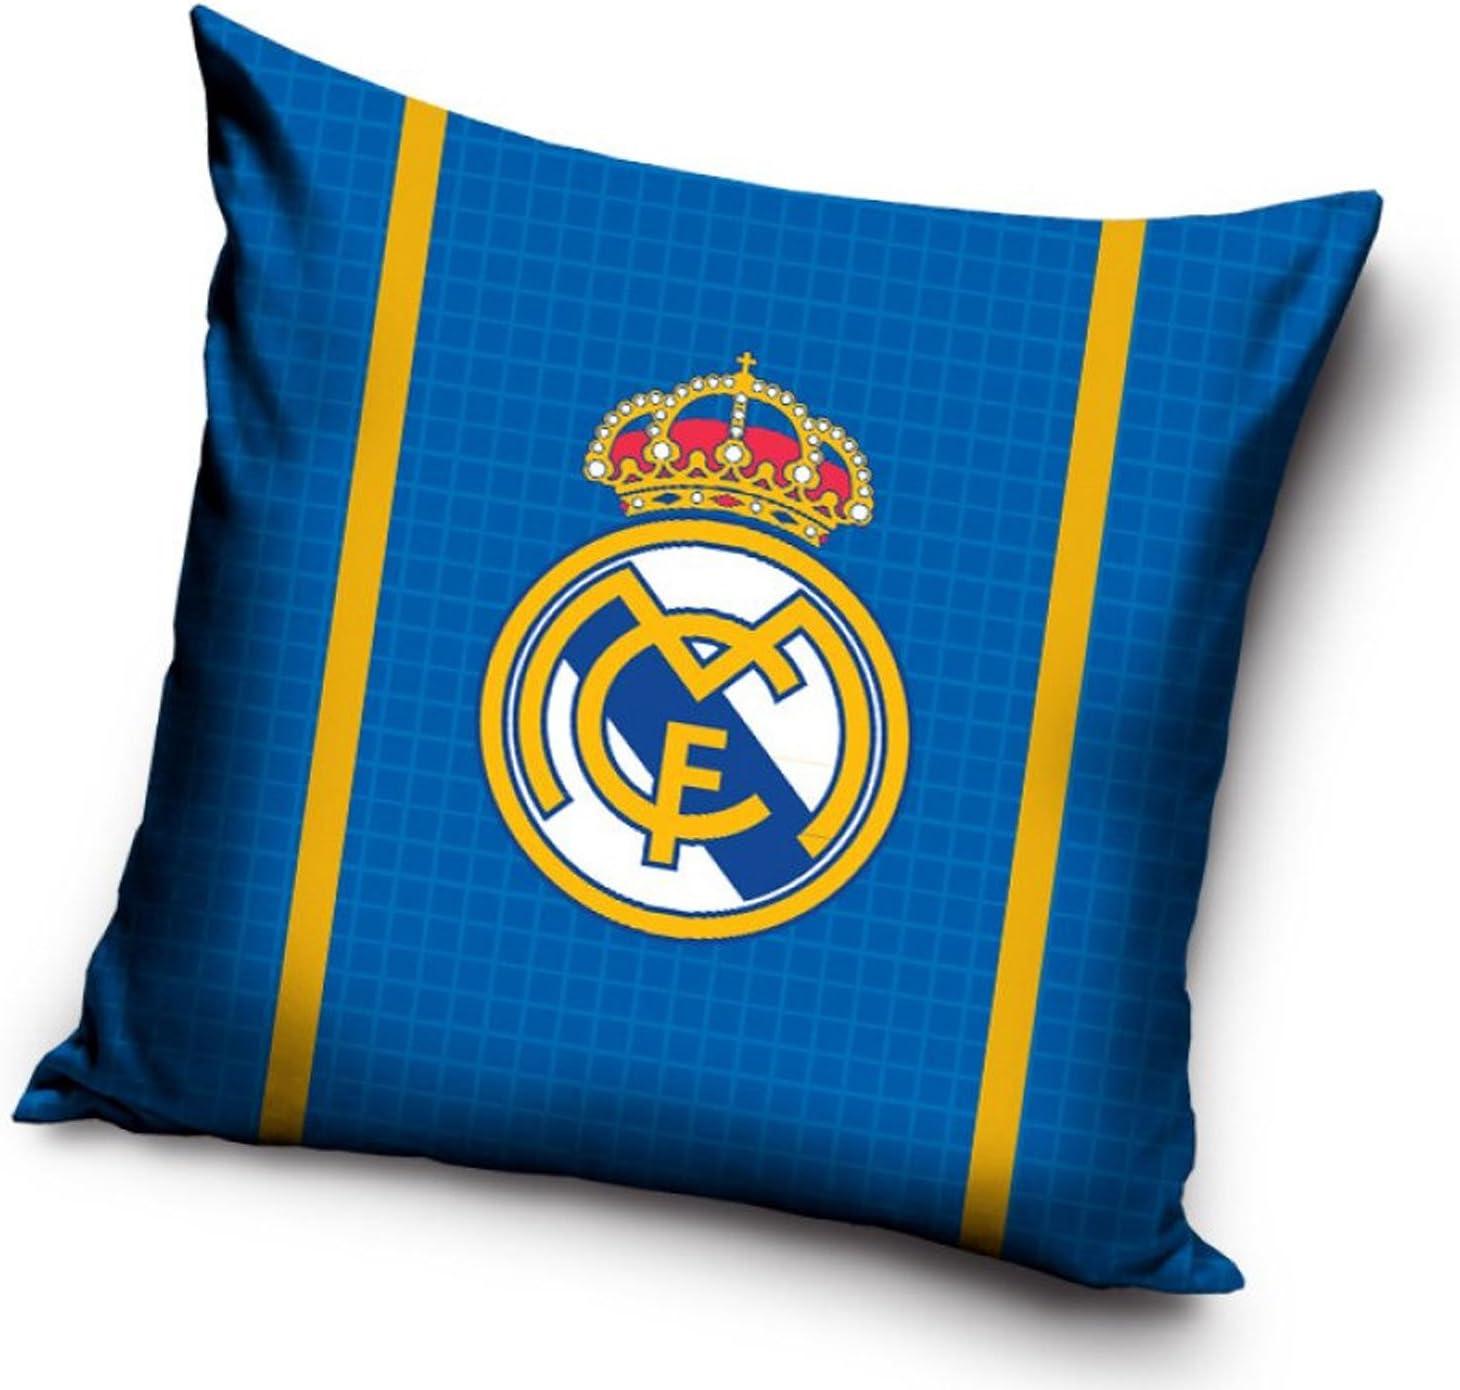 Coussin R/éal Madrid complet housse + rembourrage